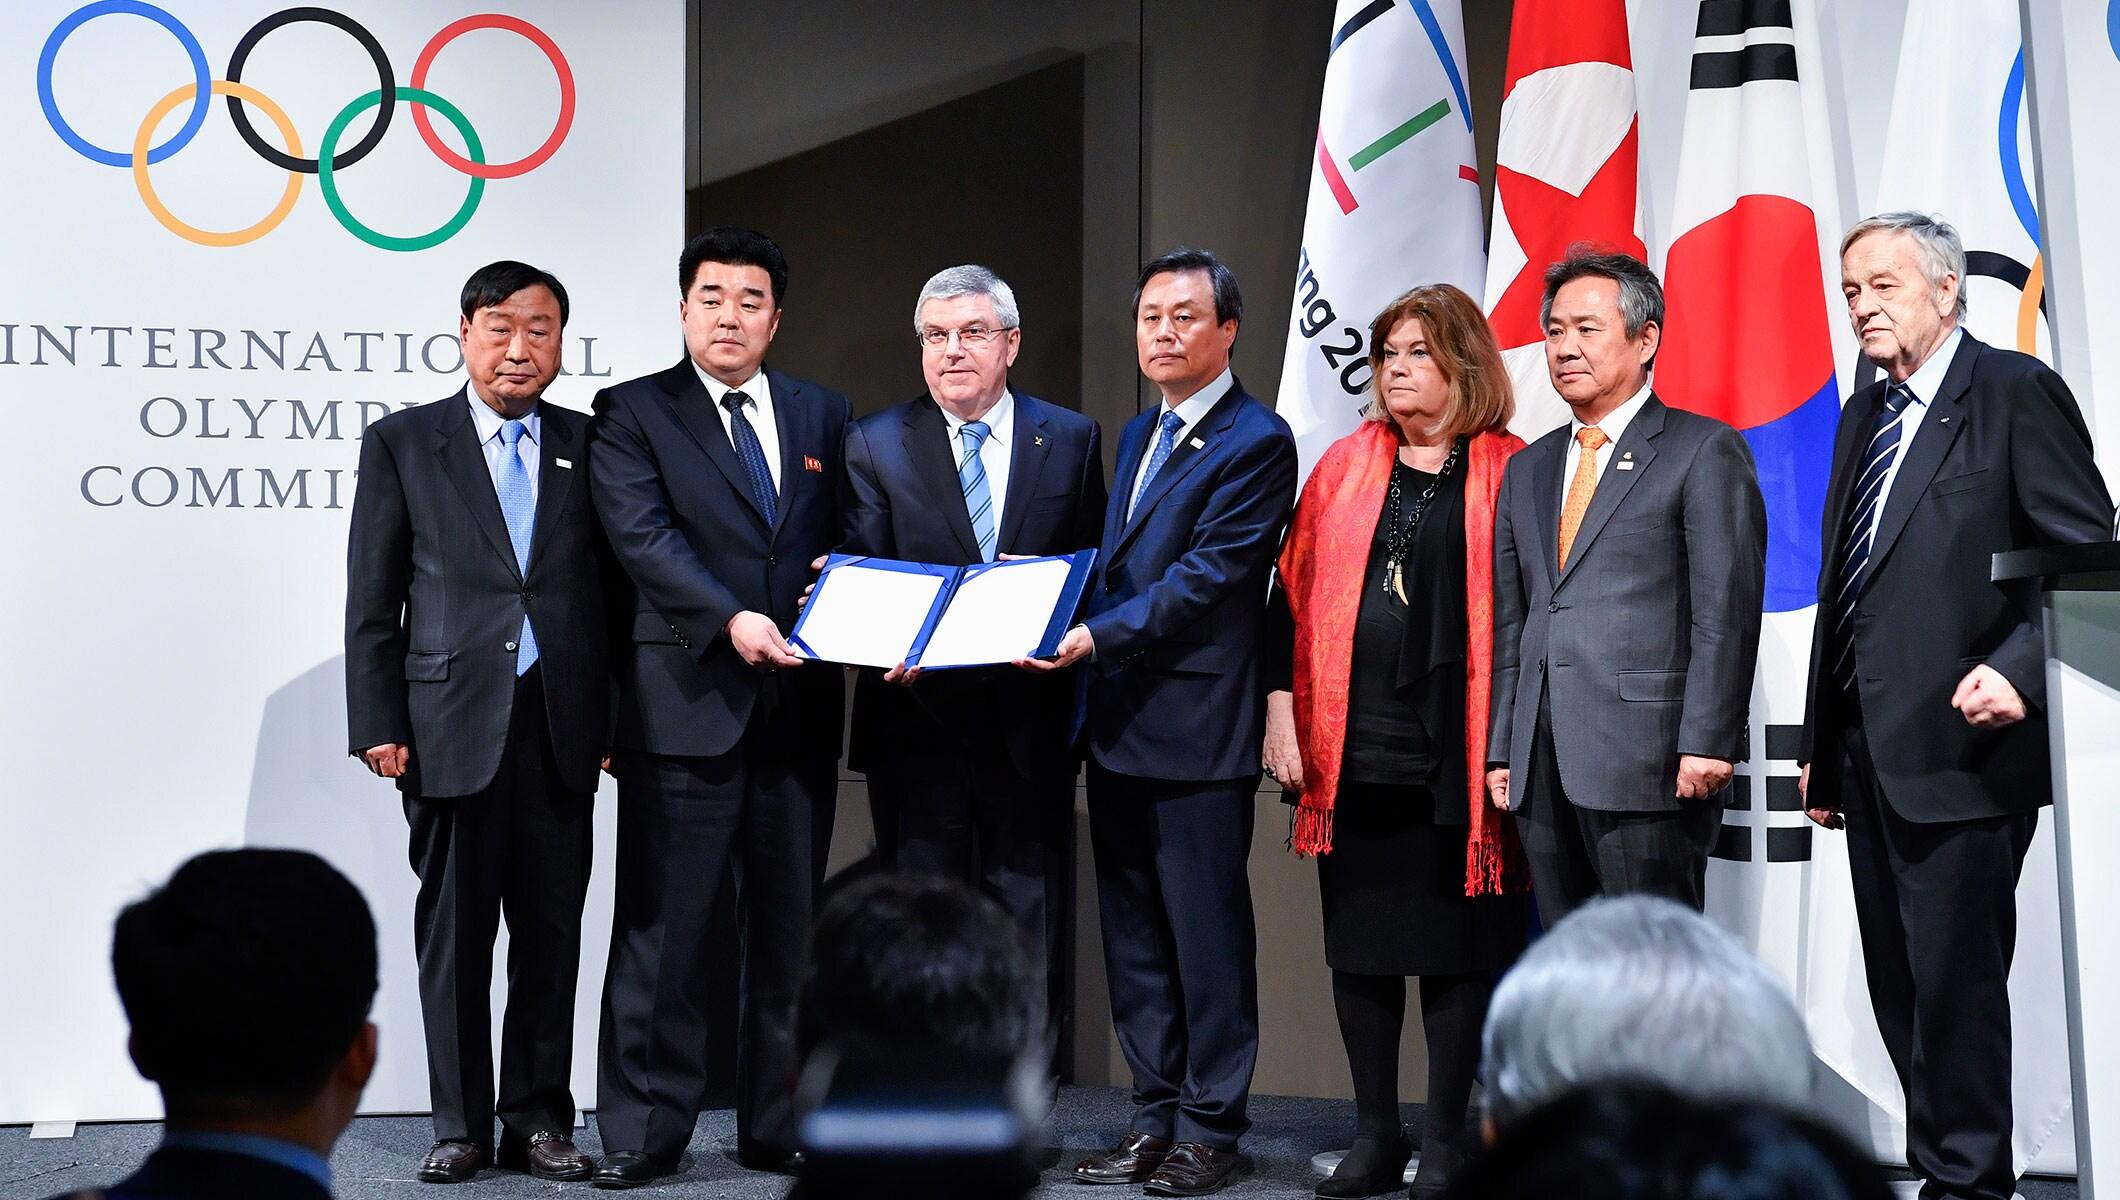 Une équipe olympique coréenne unifiée défilera aux Jeux Olympiques d'hiver de PyeongChang 2018